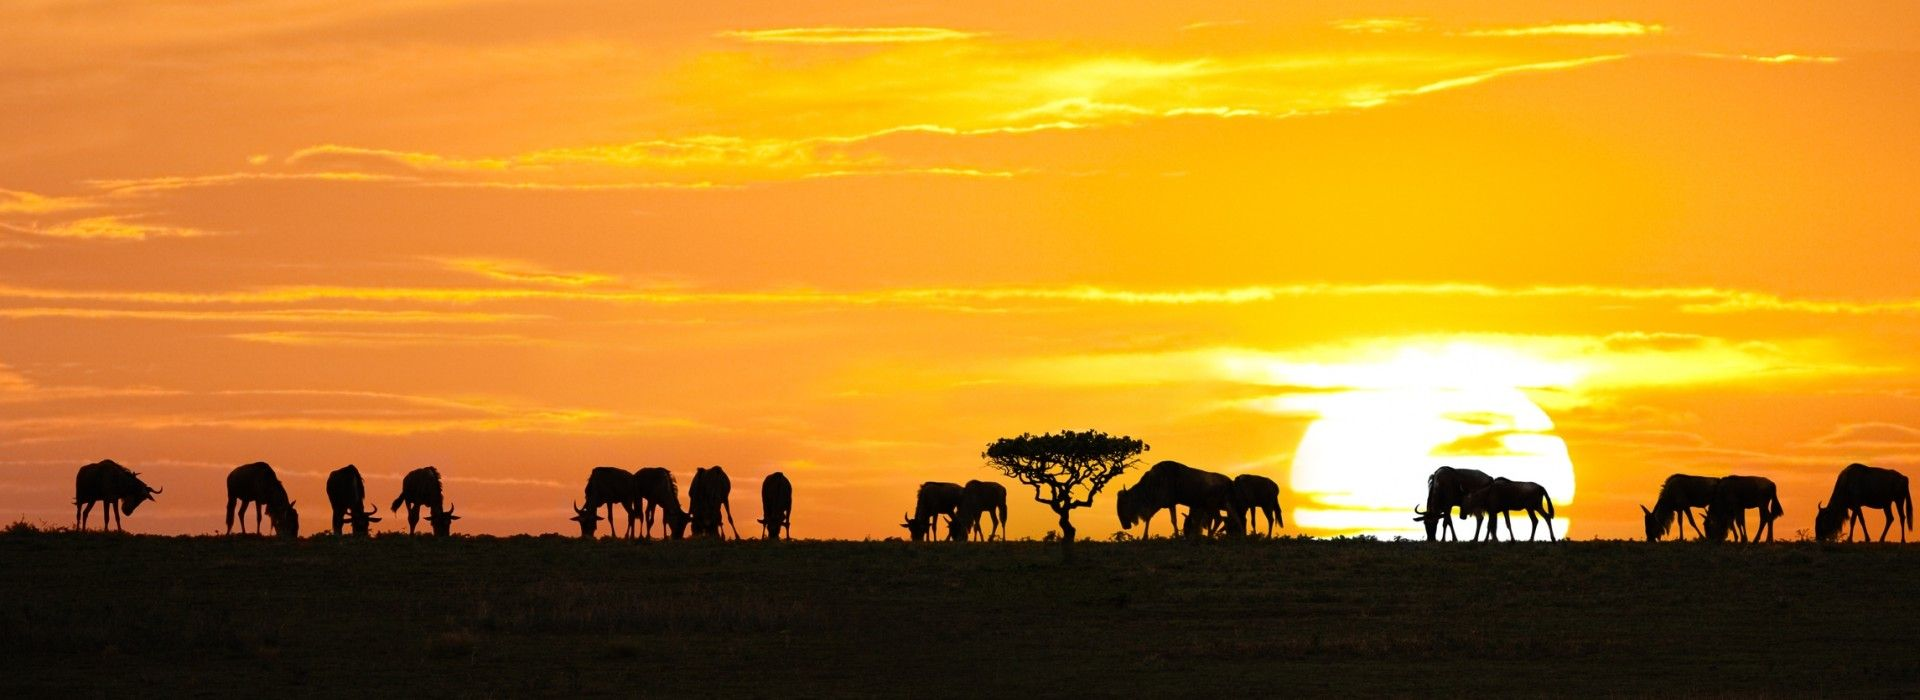 Walking tours in Serengeti National Park